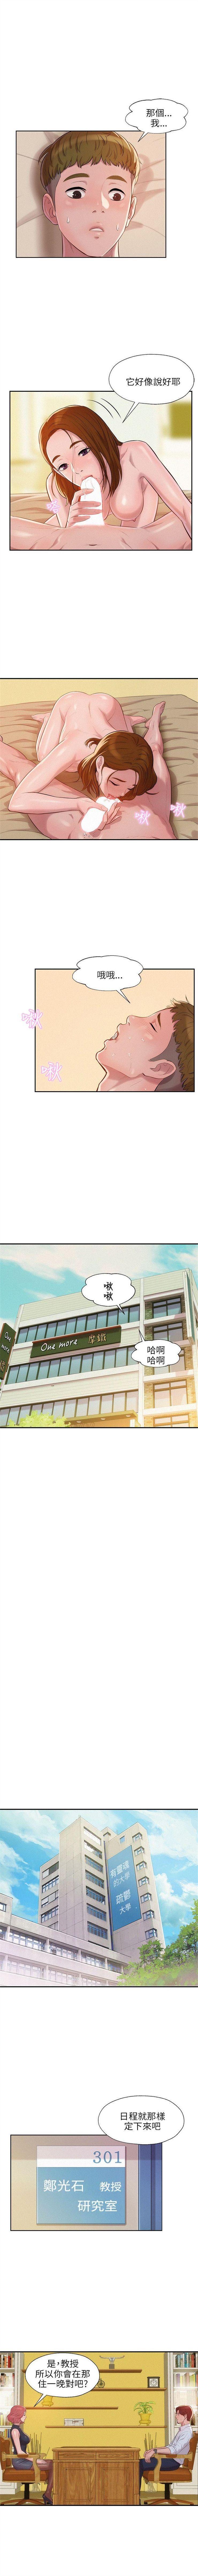 新生淫乱日记 1-61完结(中文) 61